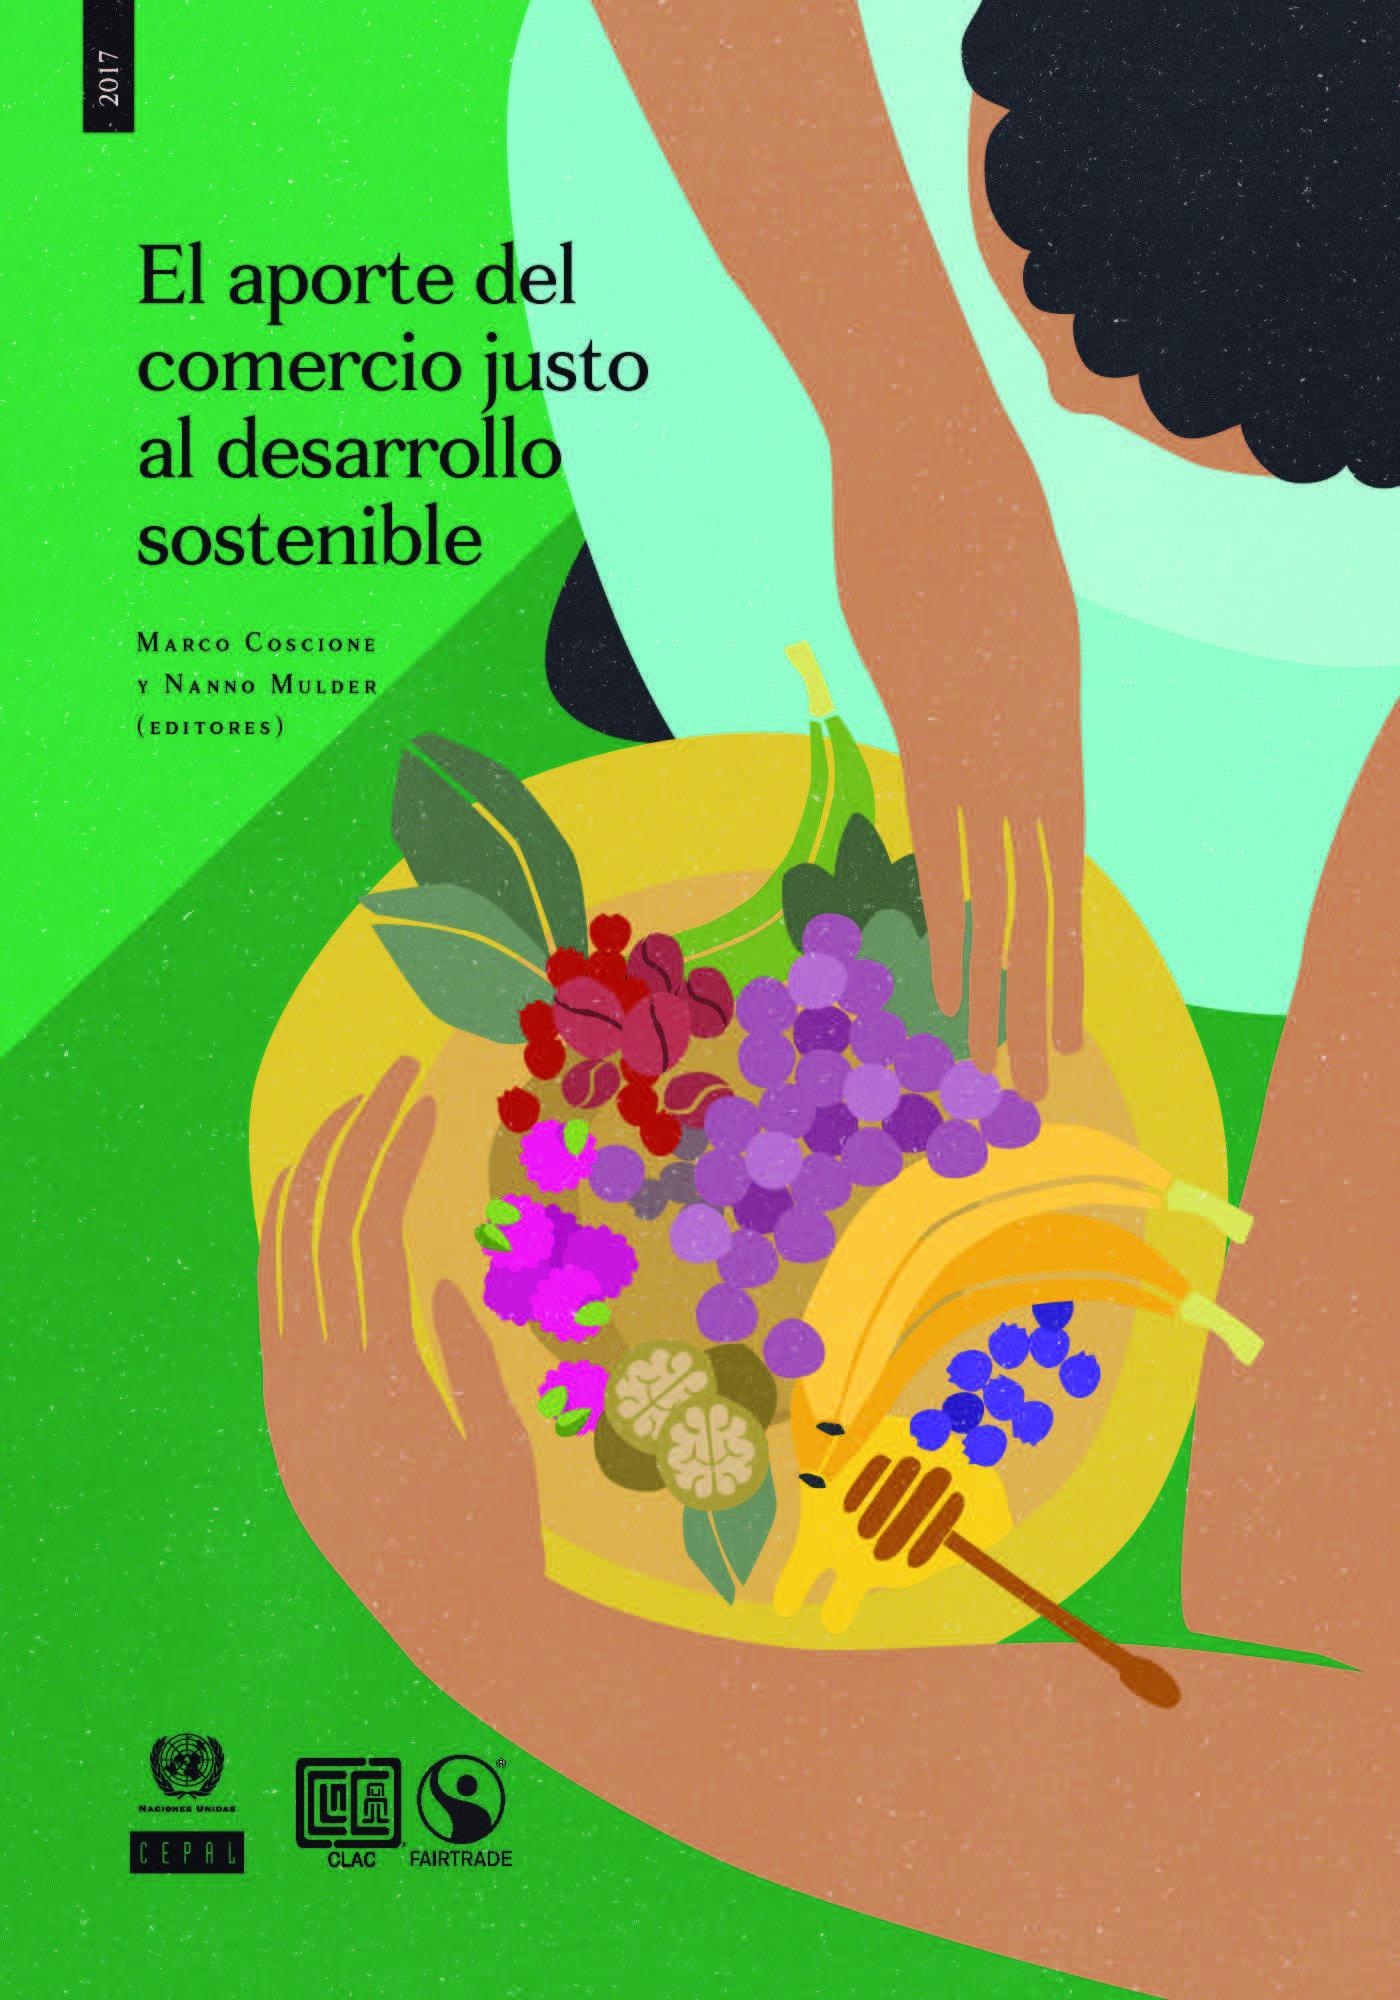 El aporte del comercio justo desarrollo sostenible